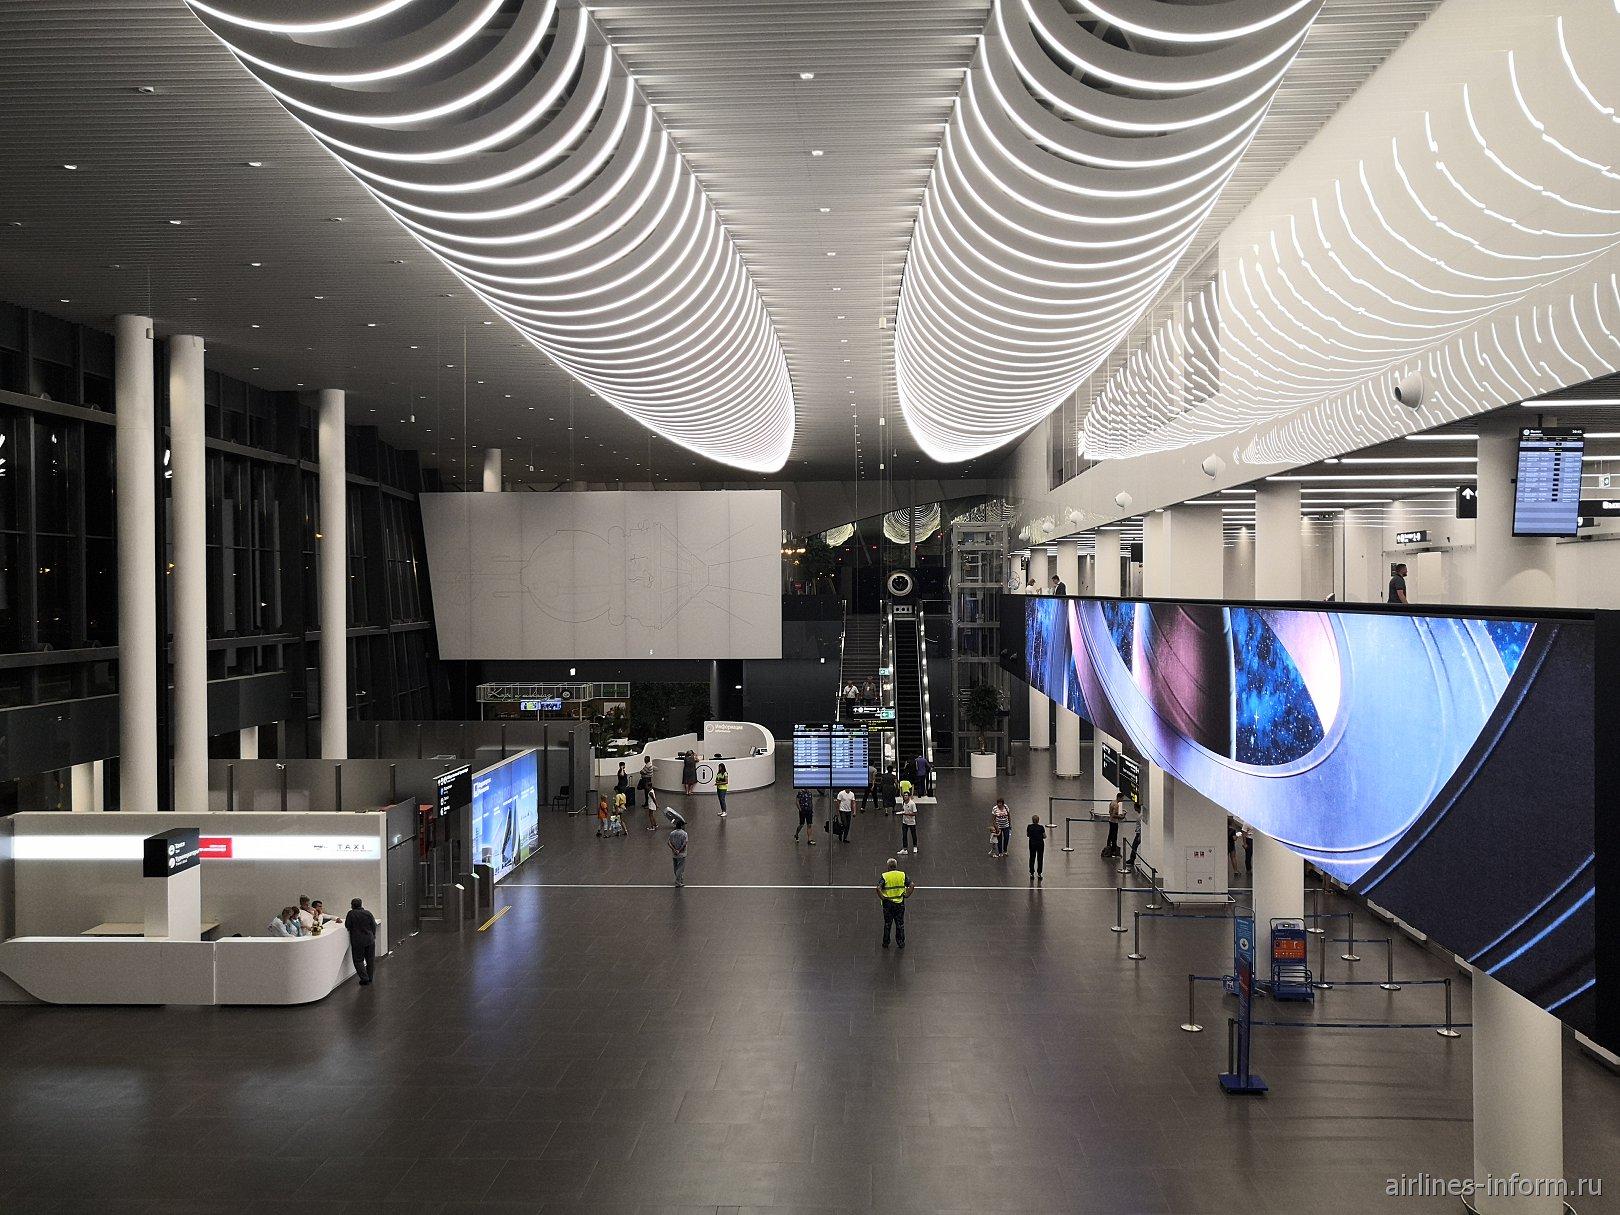 Общий зал пассажирского терминала аэропорта Гагарин